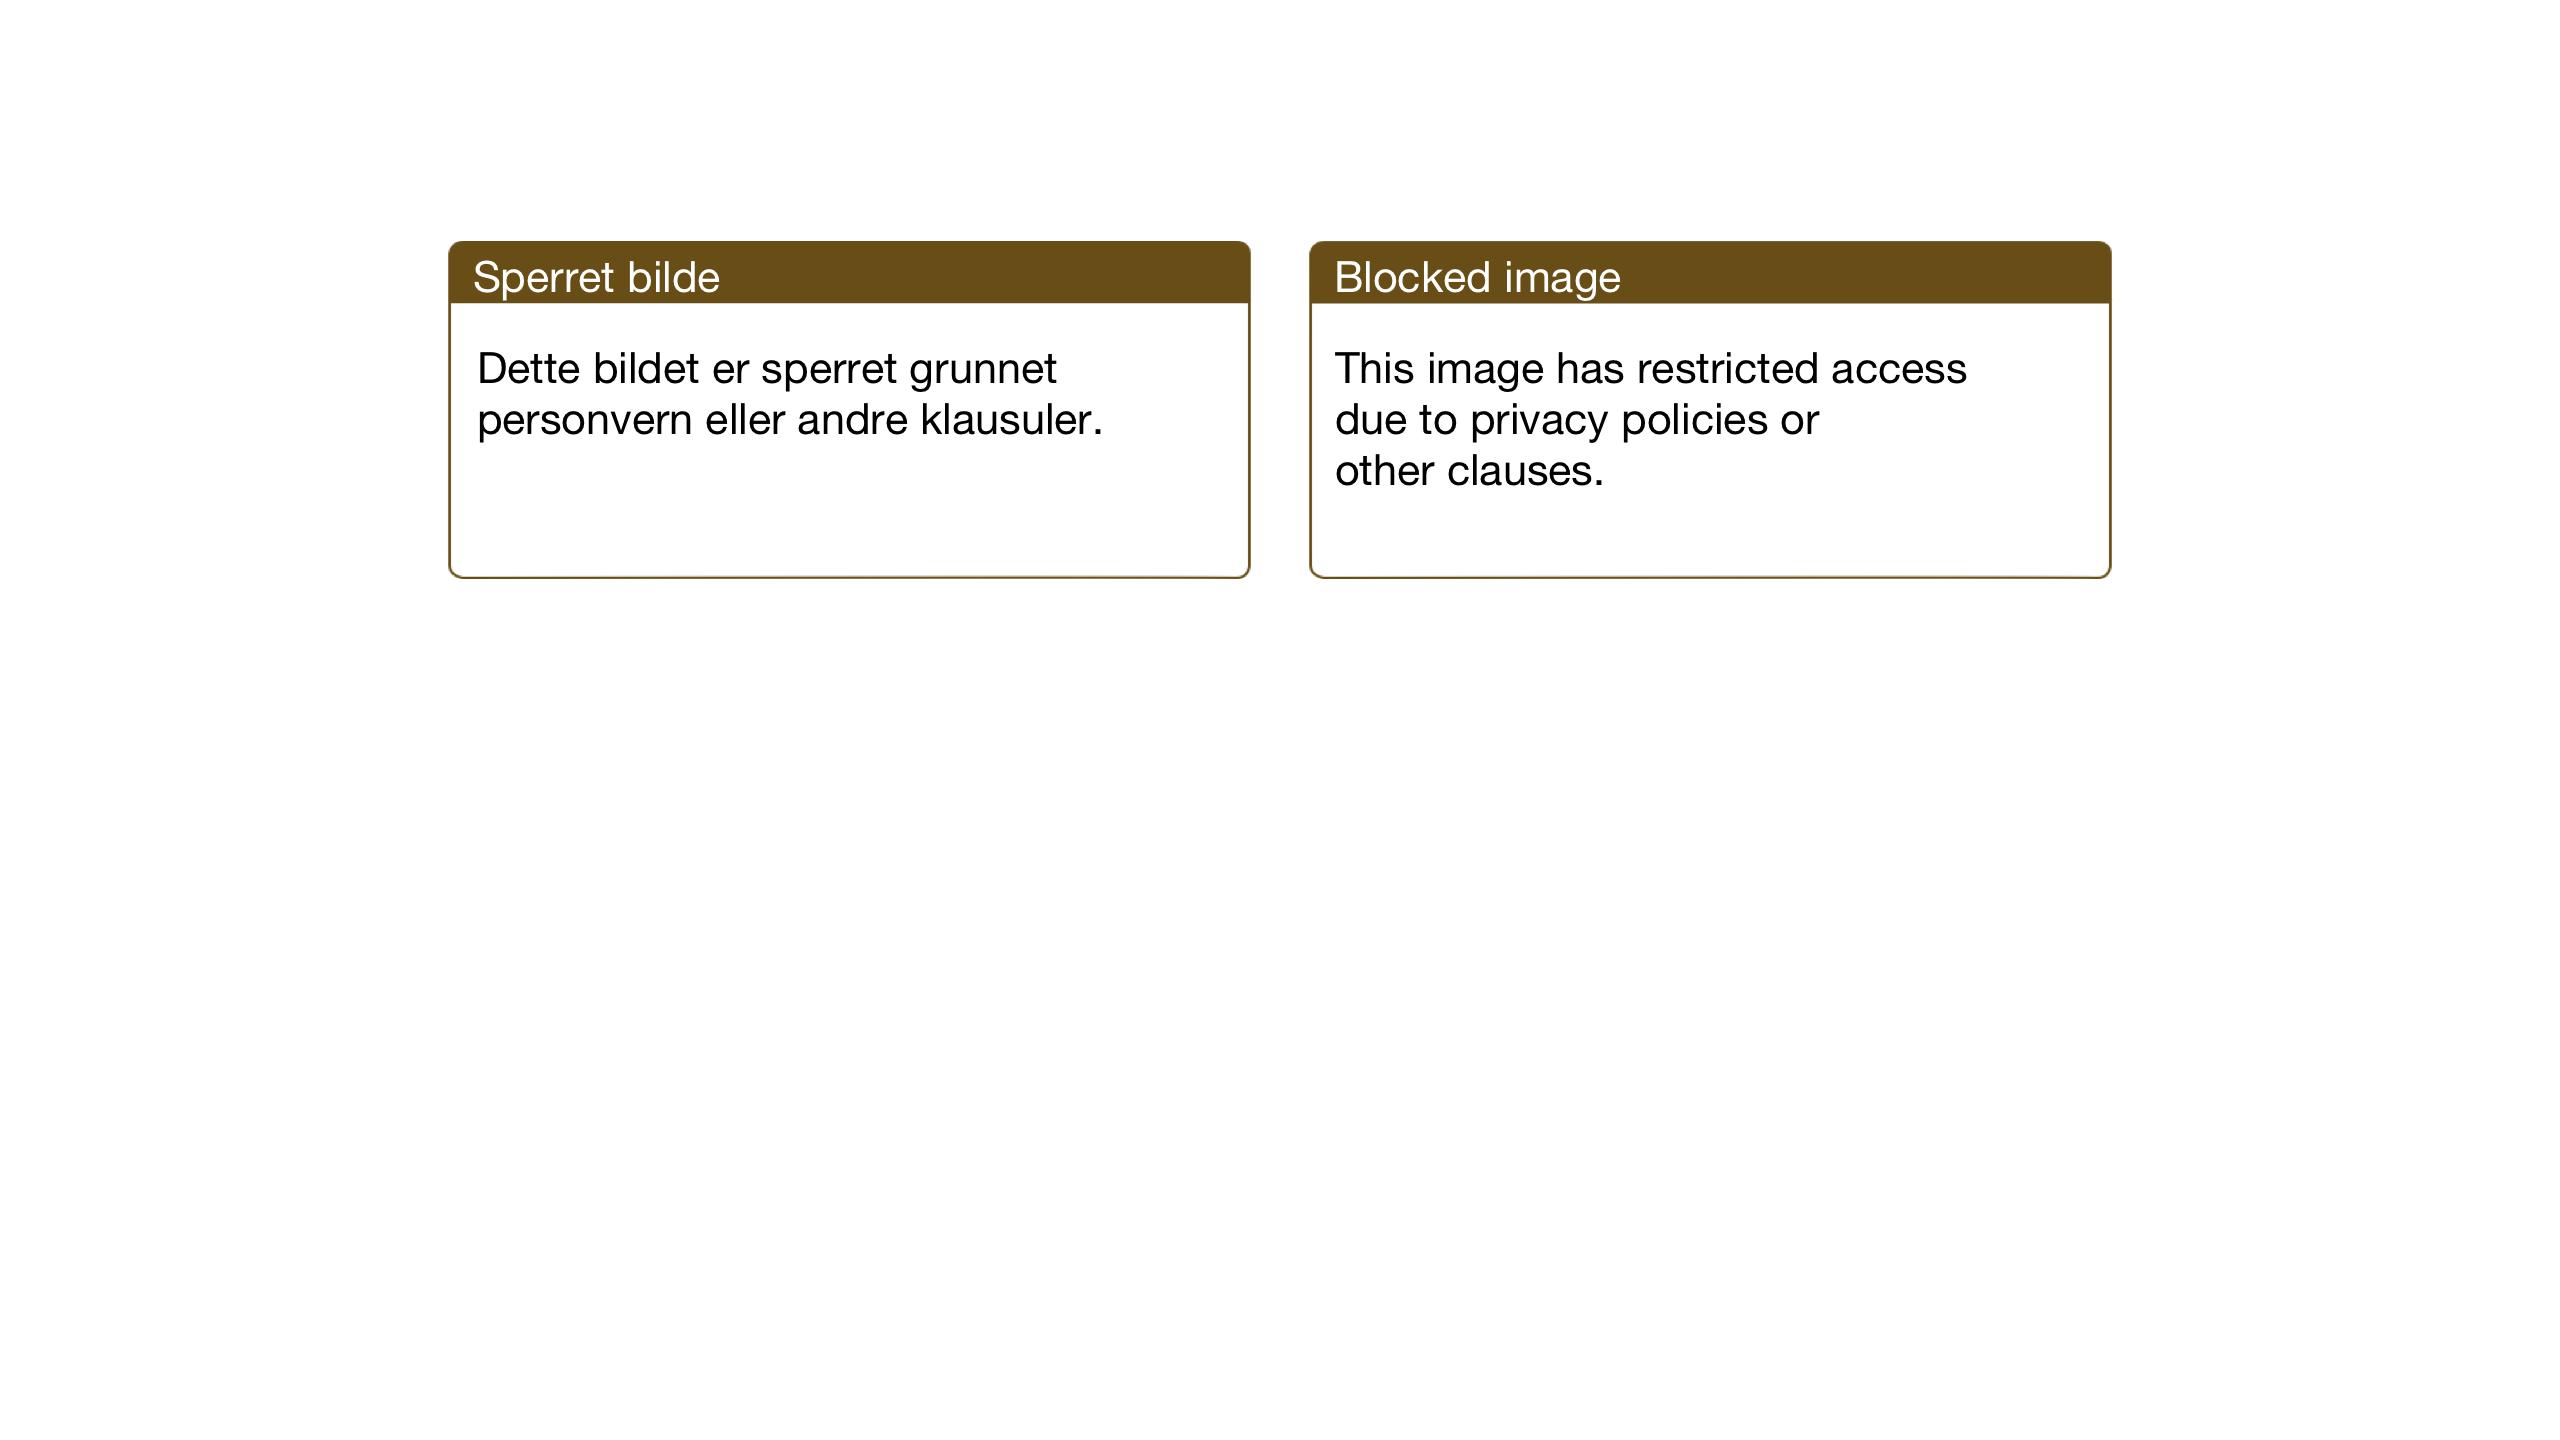 SAT, Ministerialprotokoller, klokkerbøker og fødselsregistre - Sør-Trøndelag, 640/L0590: Klokkerbok nr. 640C07, 1935-1948, s. 23